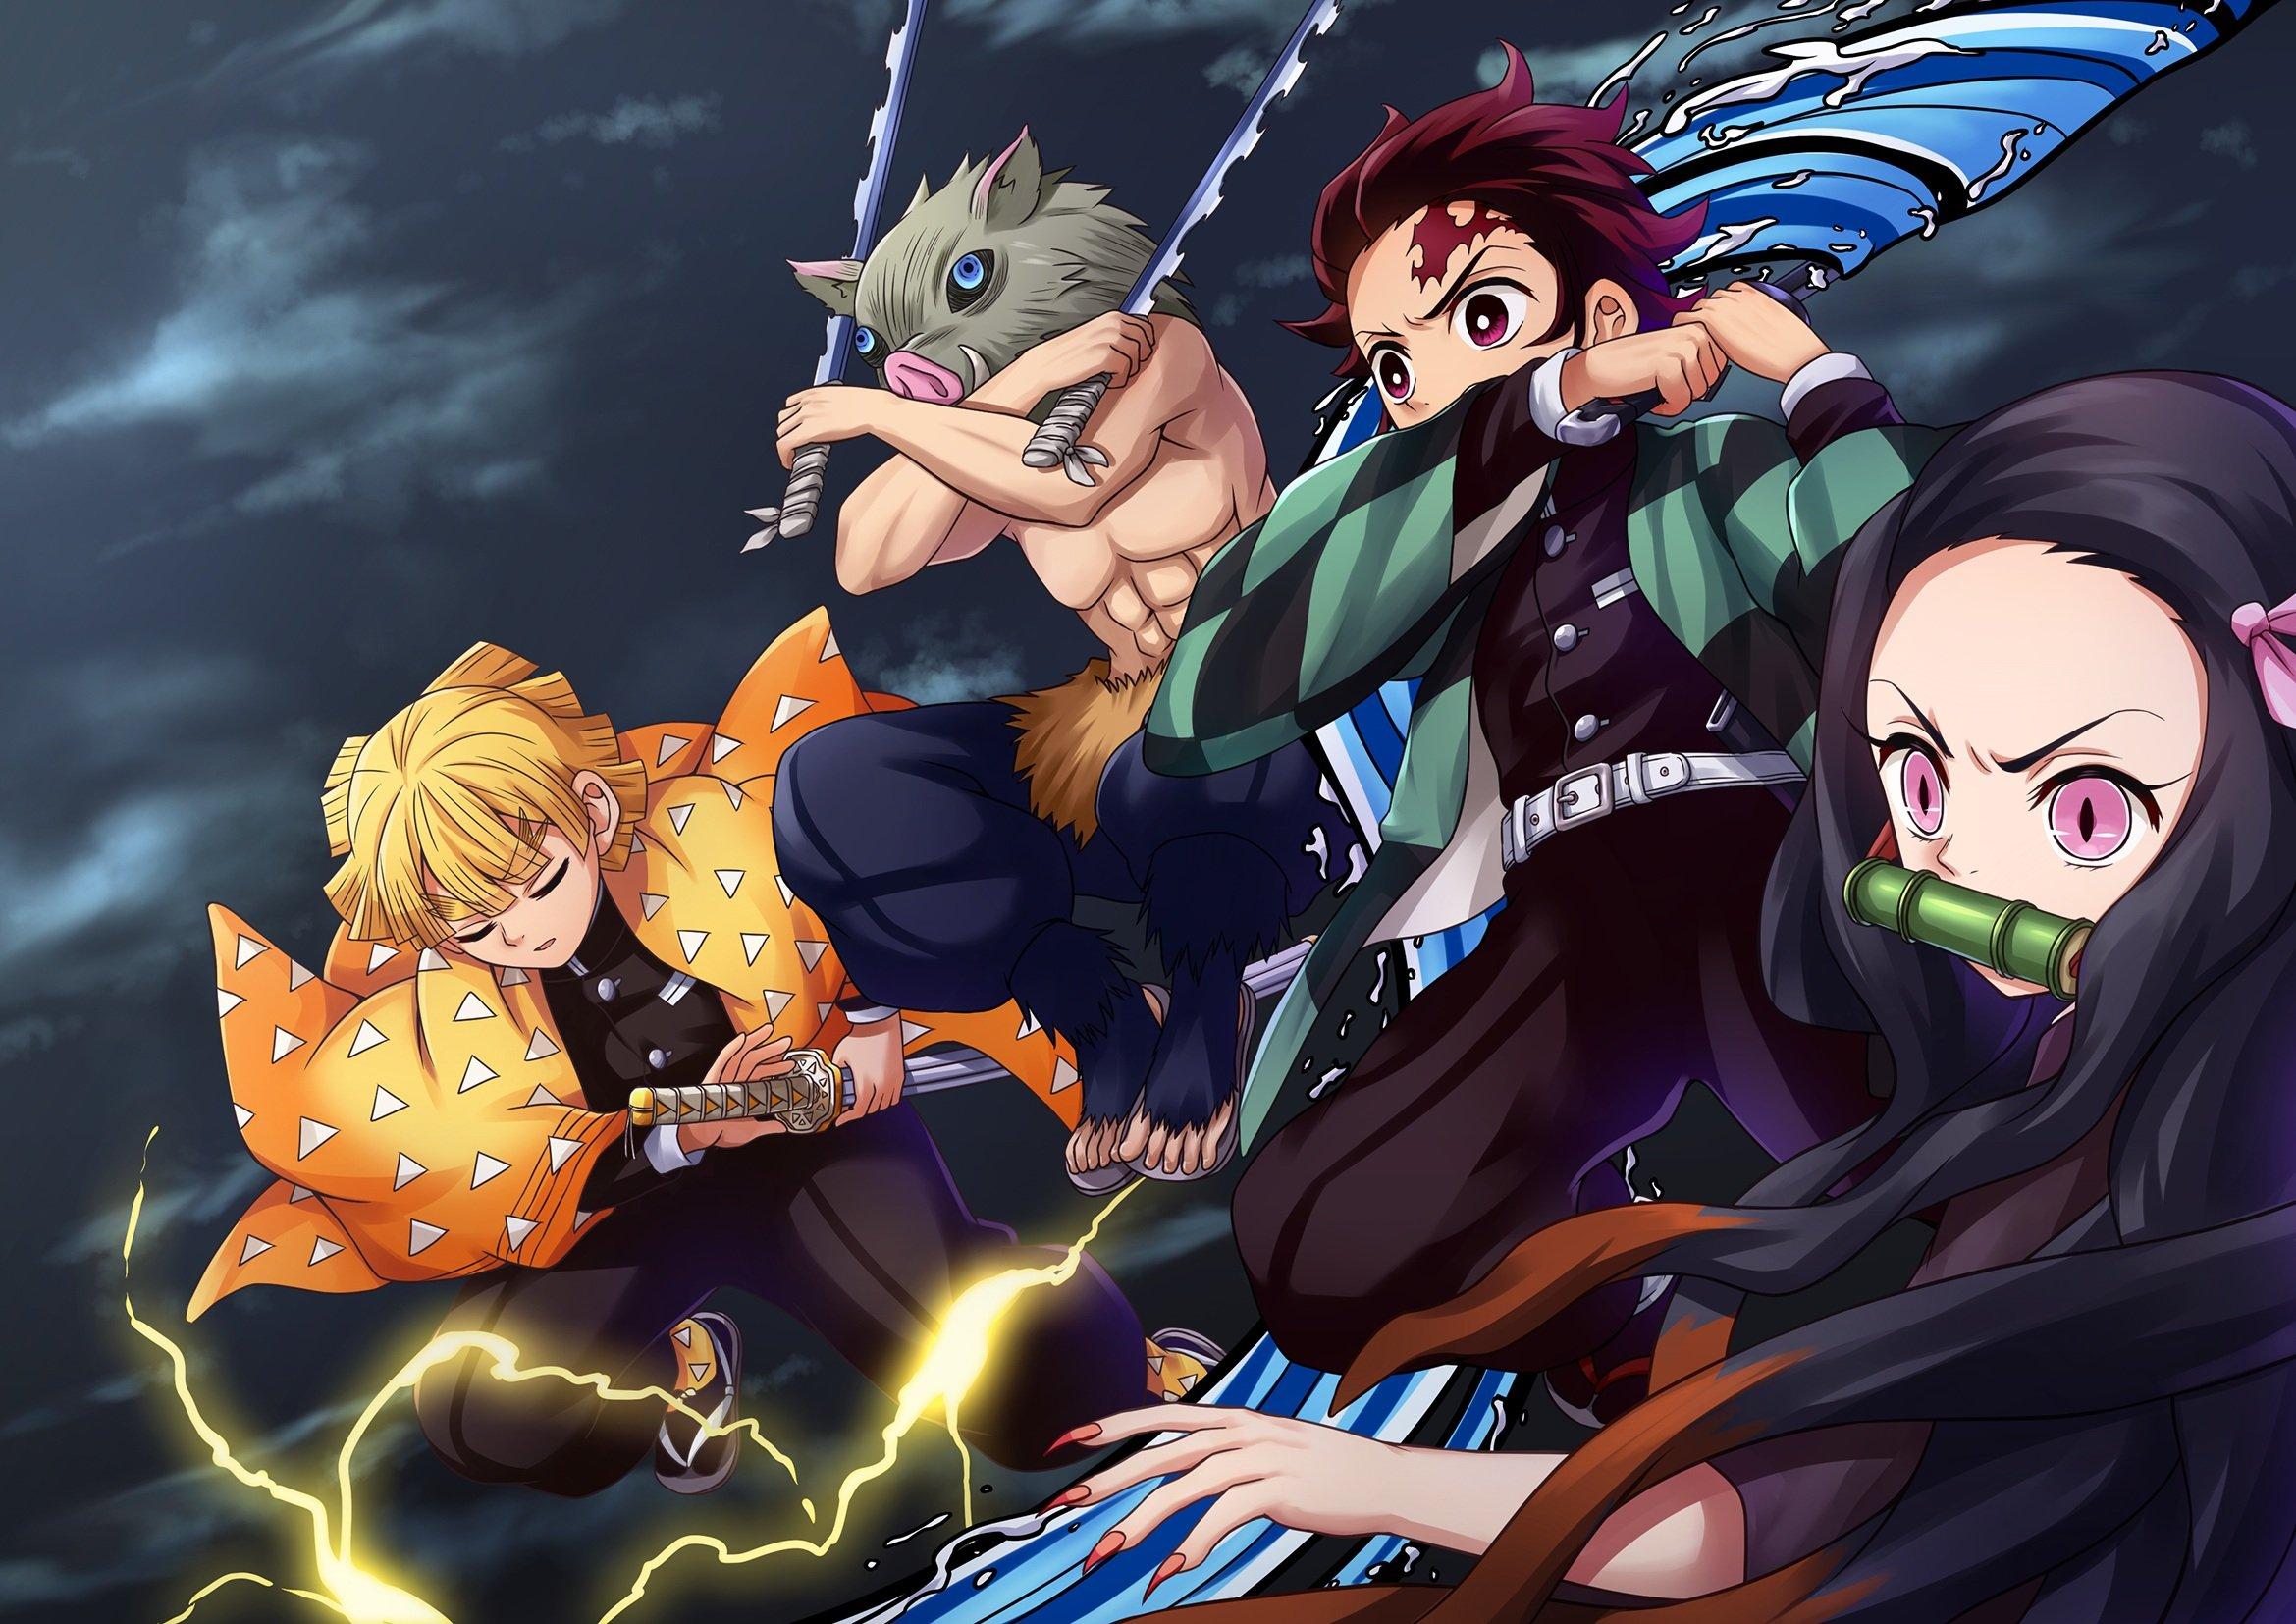 Fondos de pantalla Anime Personajes de Guardianes de la Noche